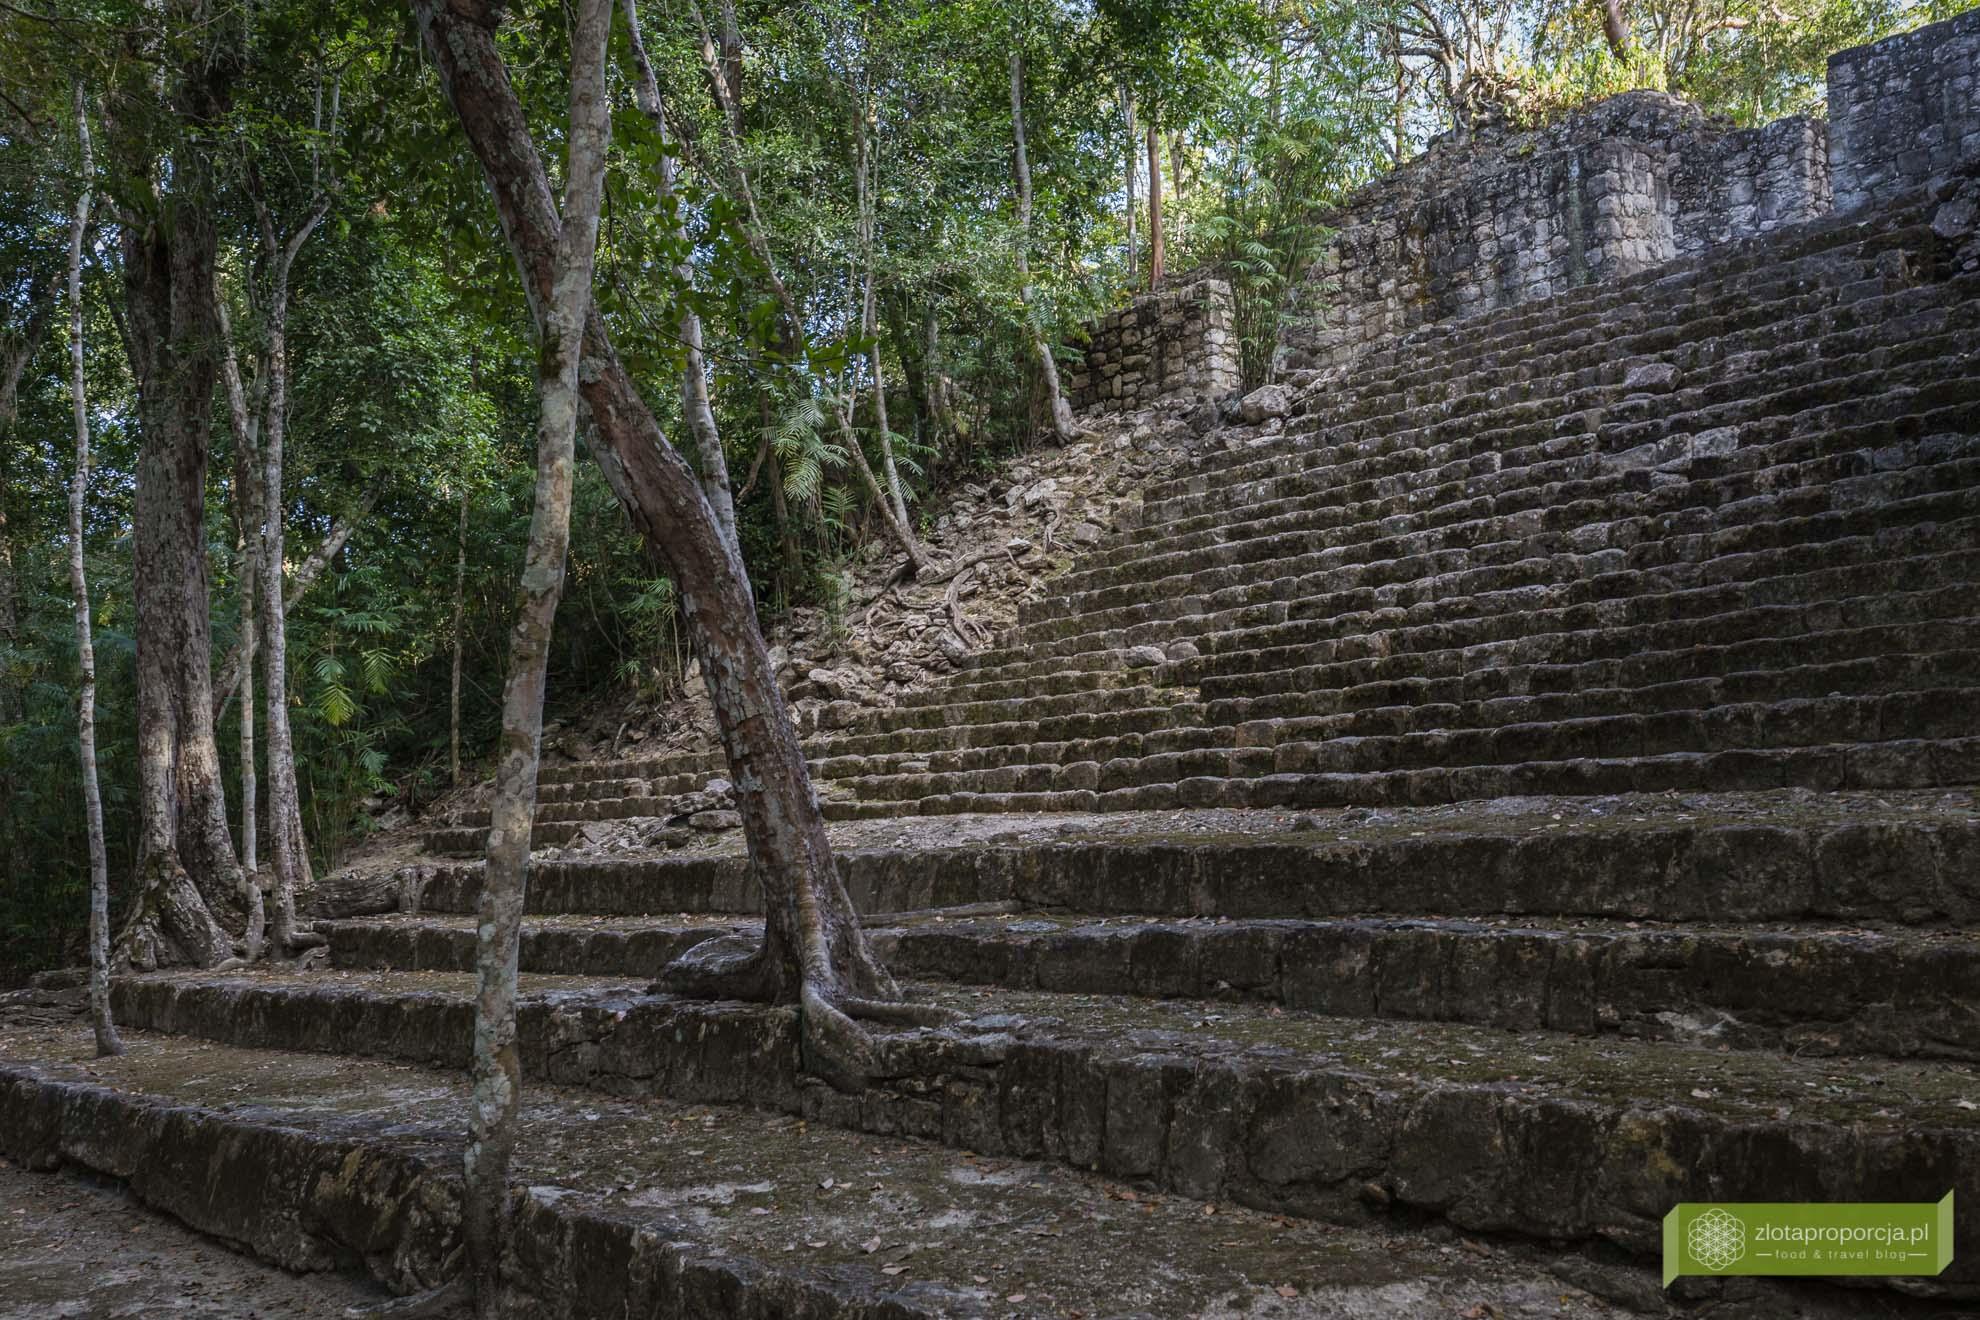 Meksyk, Miasta Majów, strefy archeologiczne na Jukatanie; Majowie budowle, Miasta Majów Meksyk, Majowie osiągnięcia; Calakmul, Jukatan, Miasto Majów w dżungli,;